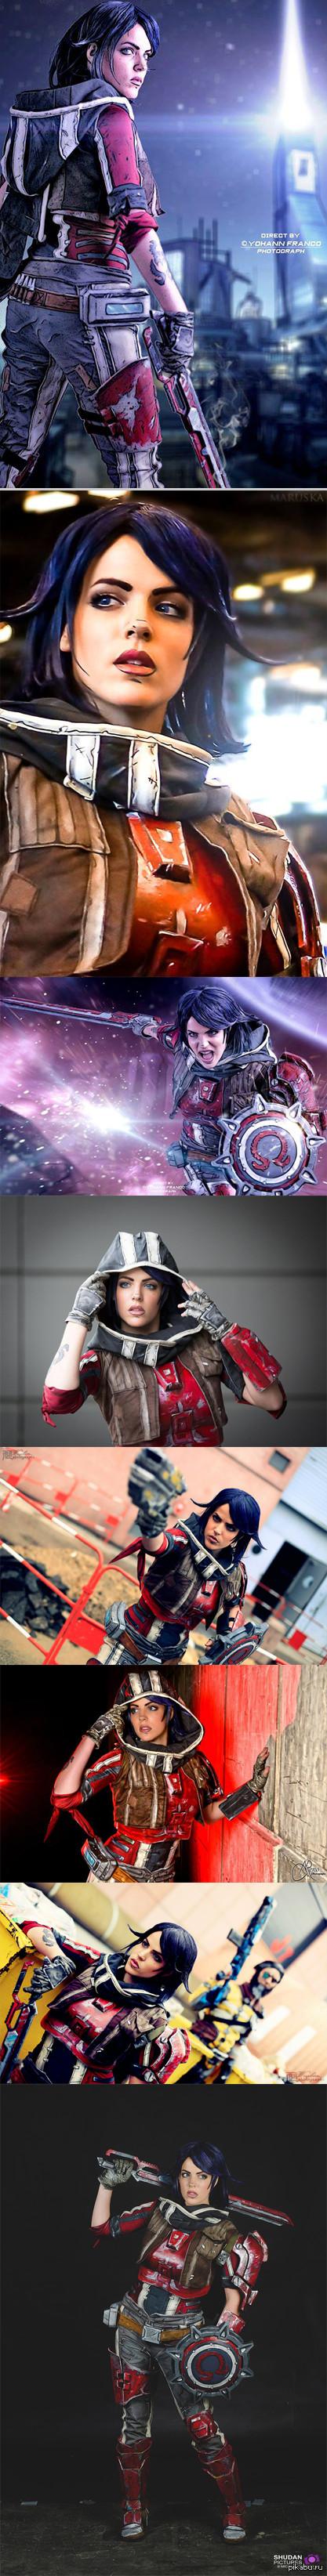 Athena the Gladiator cosplay ( Borderlands Pre- sequel) Полная подборка косплея Афины от Lili Dîn ( Франция).  В этом образе ее можно увидеть на Paris Comics Expo 2014